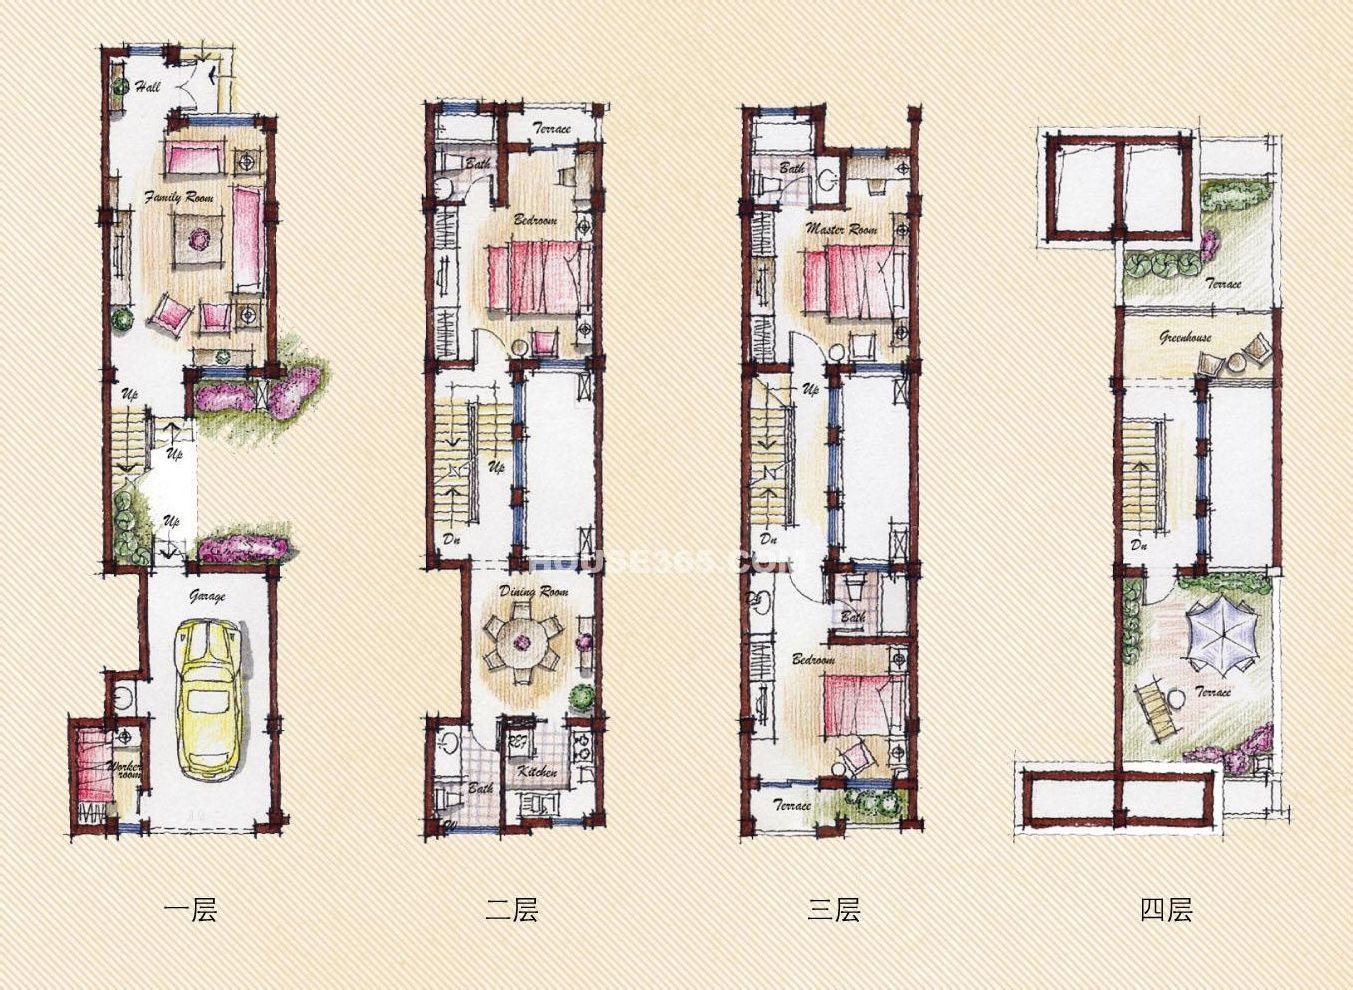 建筑设计一个平房,想要一些建议 听你的意思,感觉参考联排别墅的做法图片